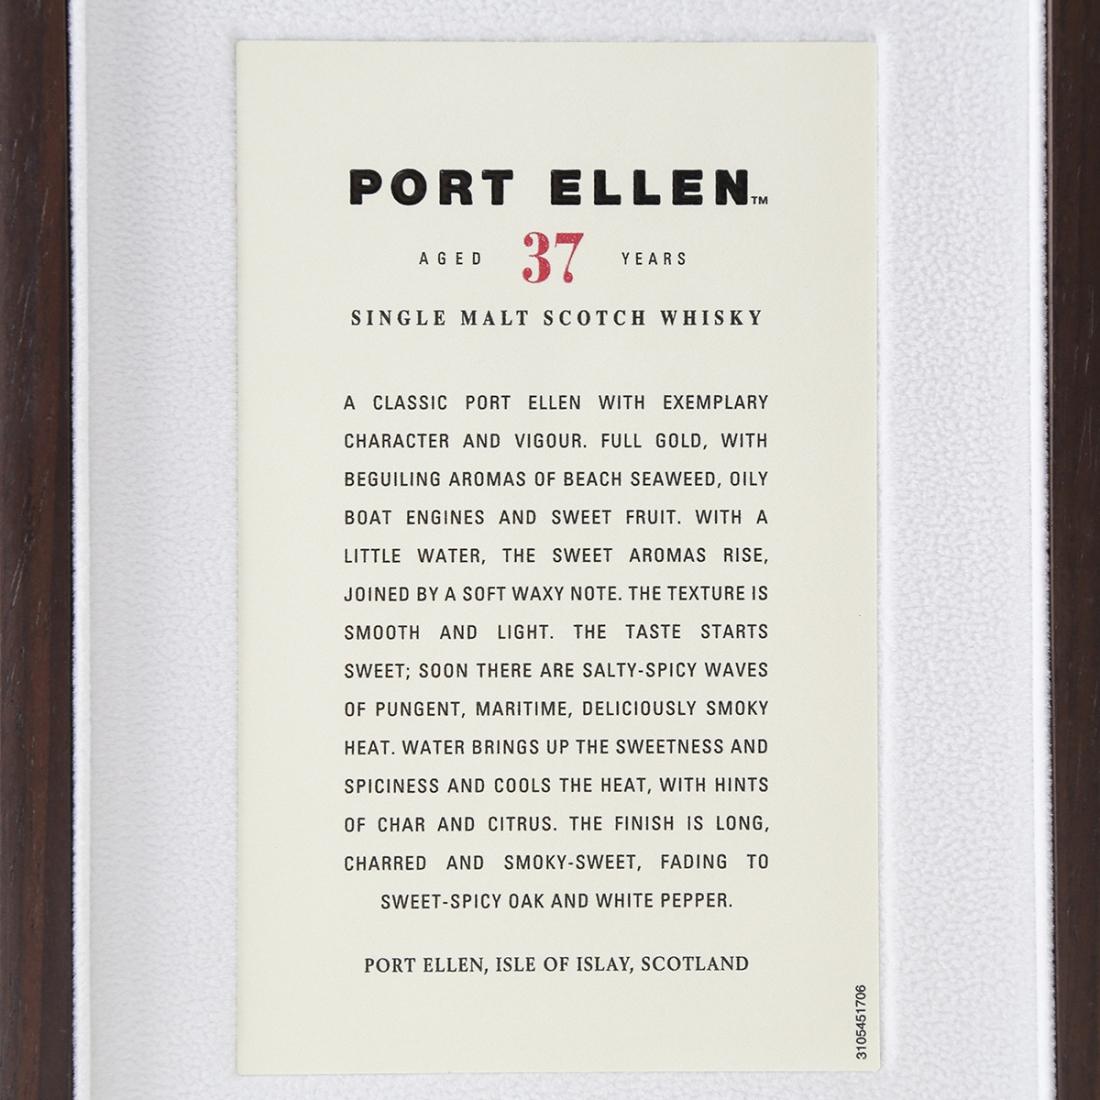 Port Ellen 1981 Casks of Distinction 37 Year Old #1297 / Bottle No.5